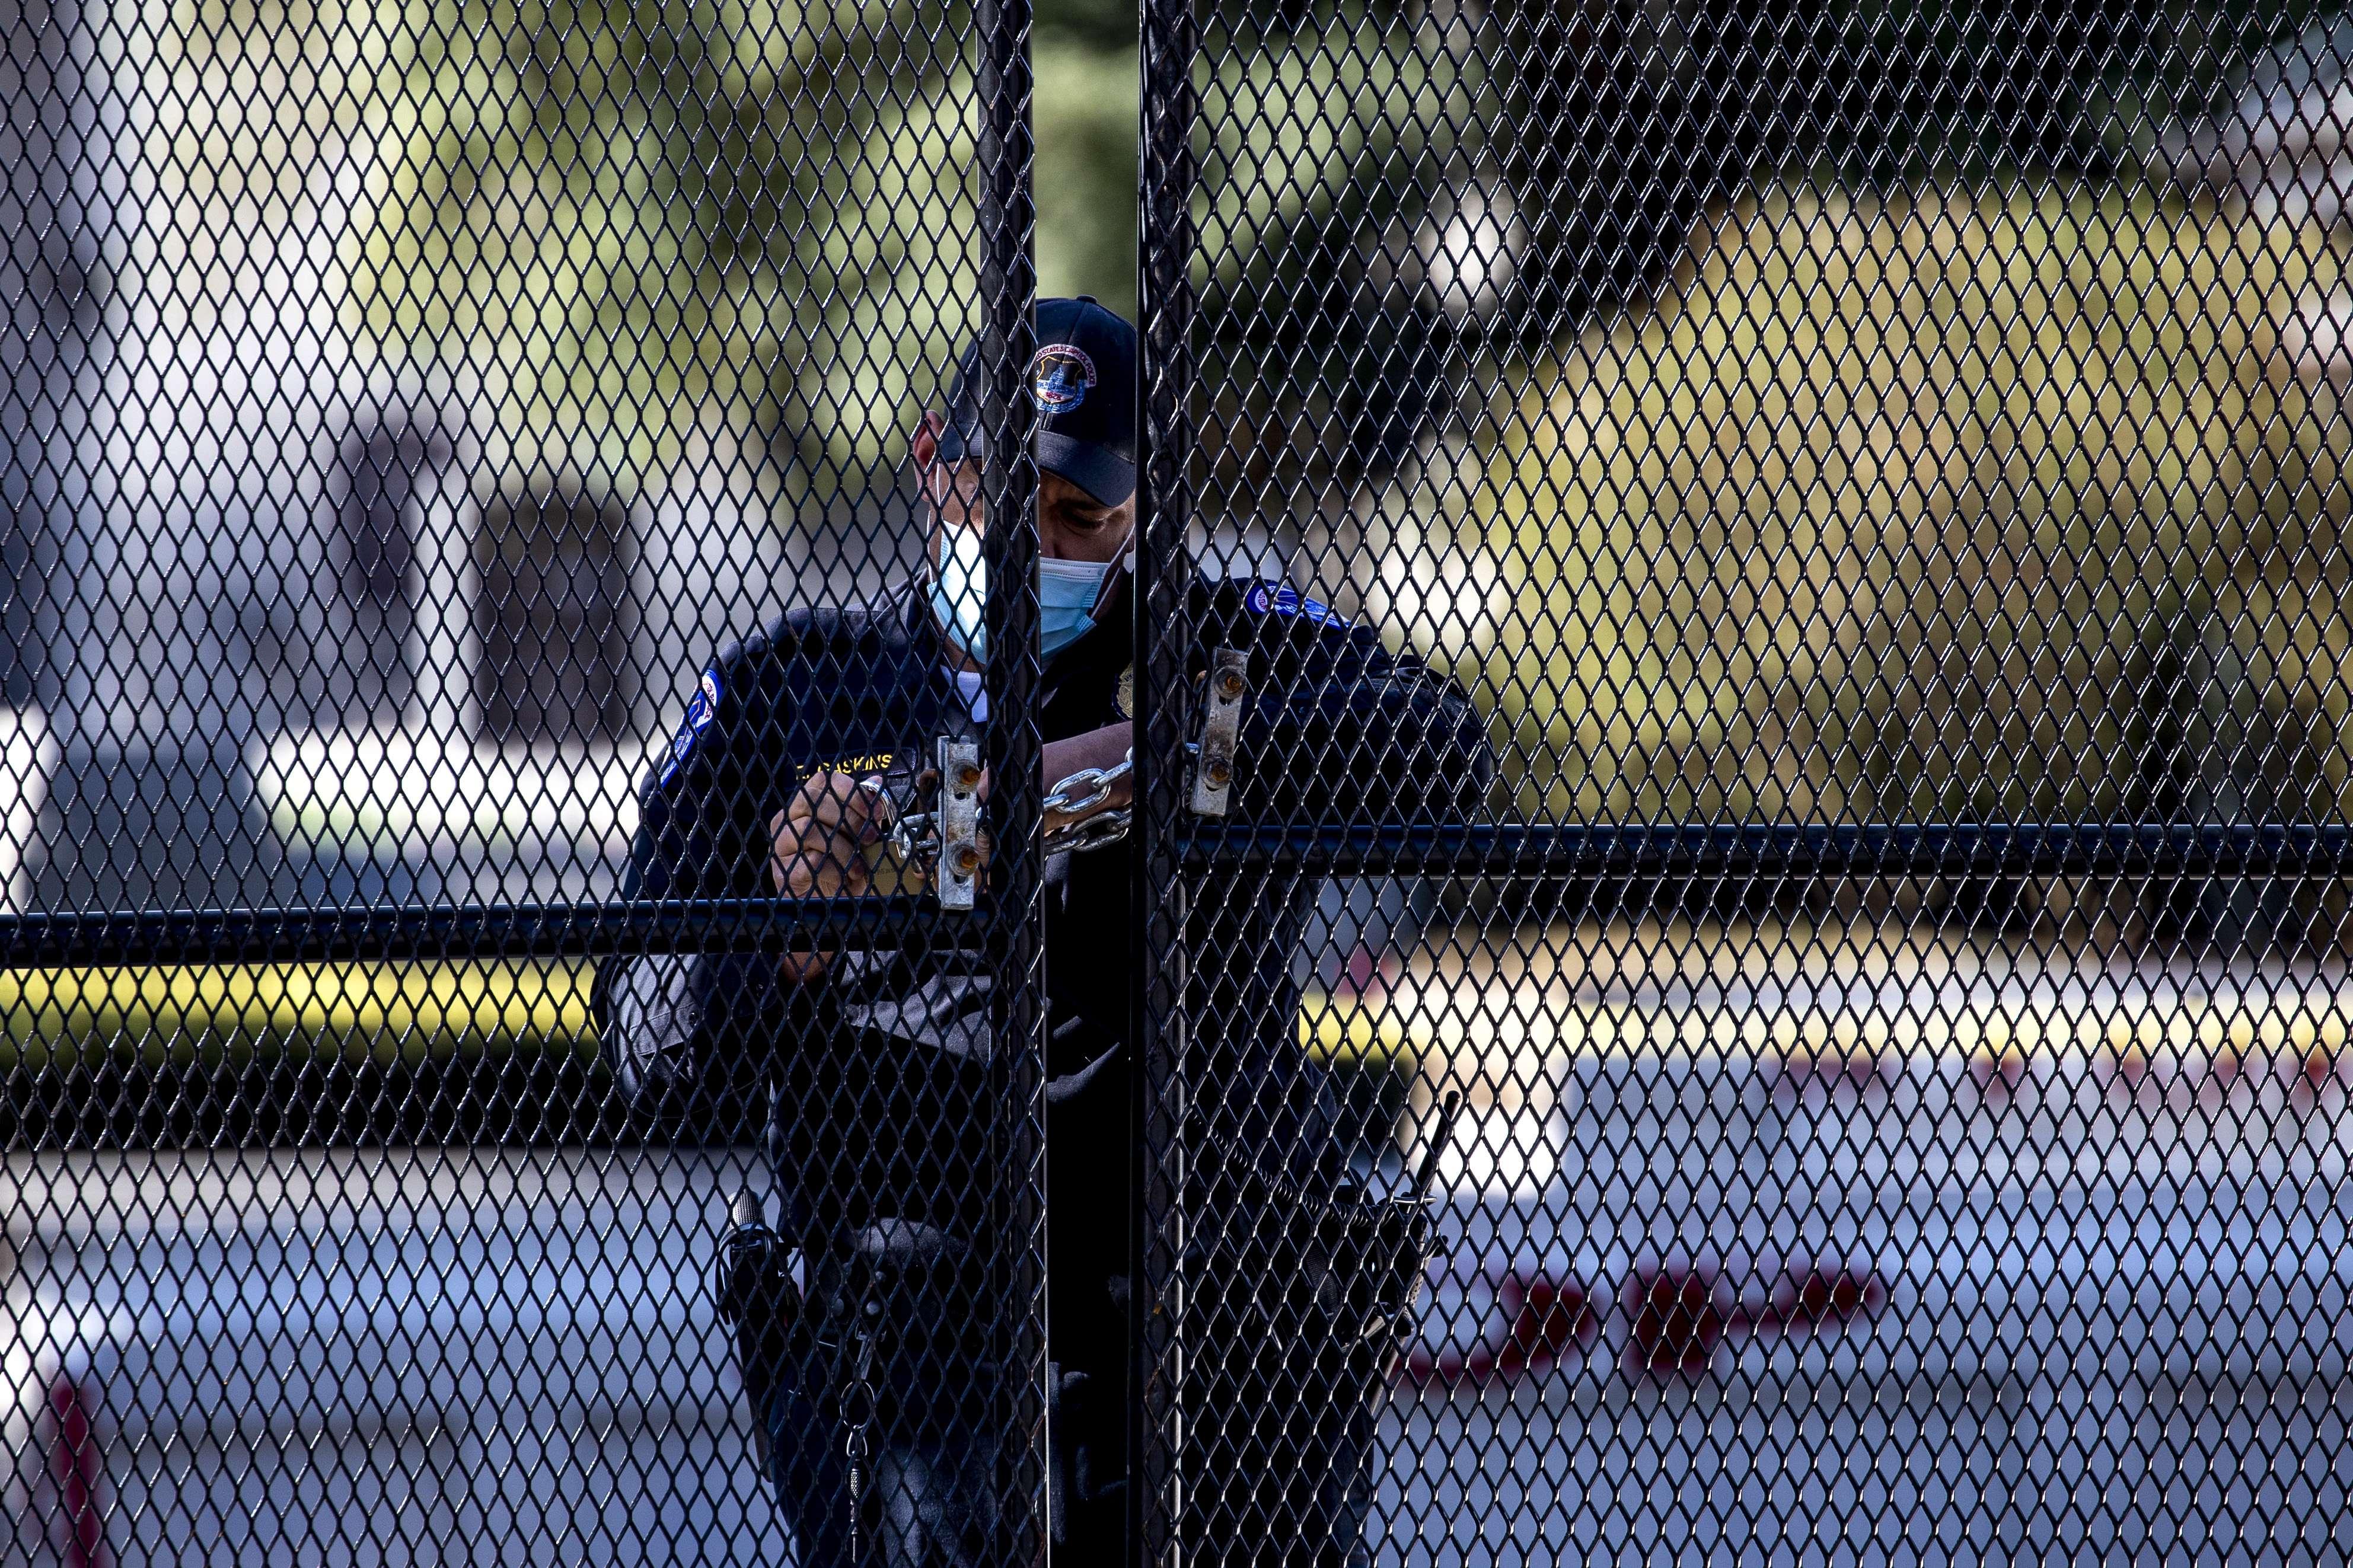 Un policía tiende una verja, en el Capitolio.